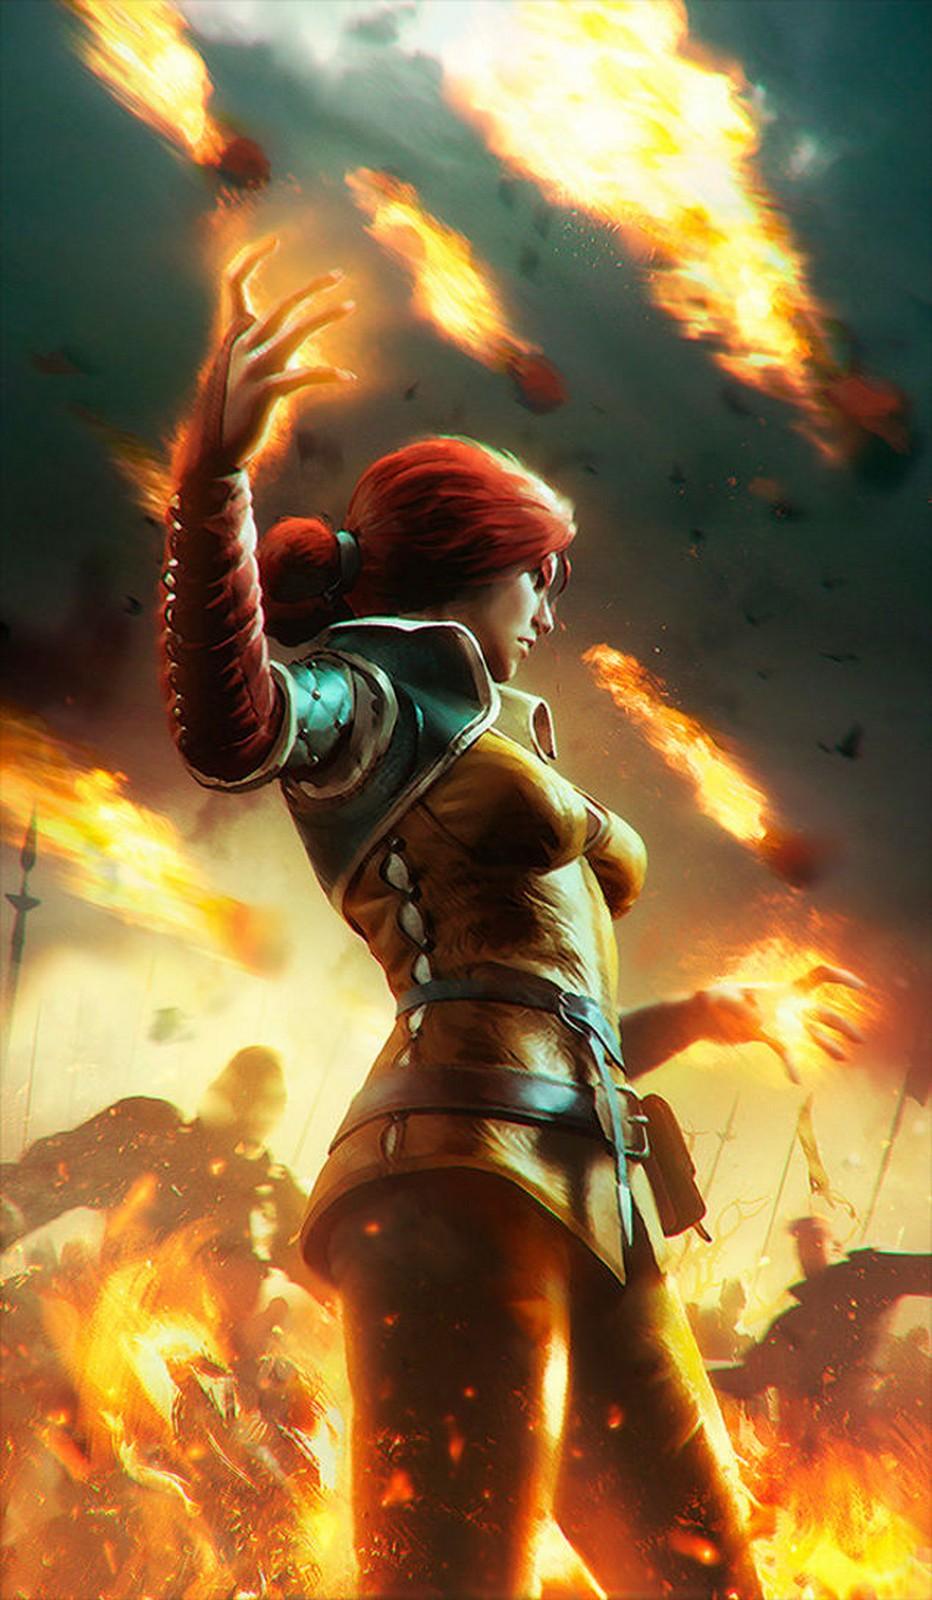 Witcher 3: Wild Hunt - Witcher 3: Wild Hunt, the